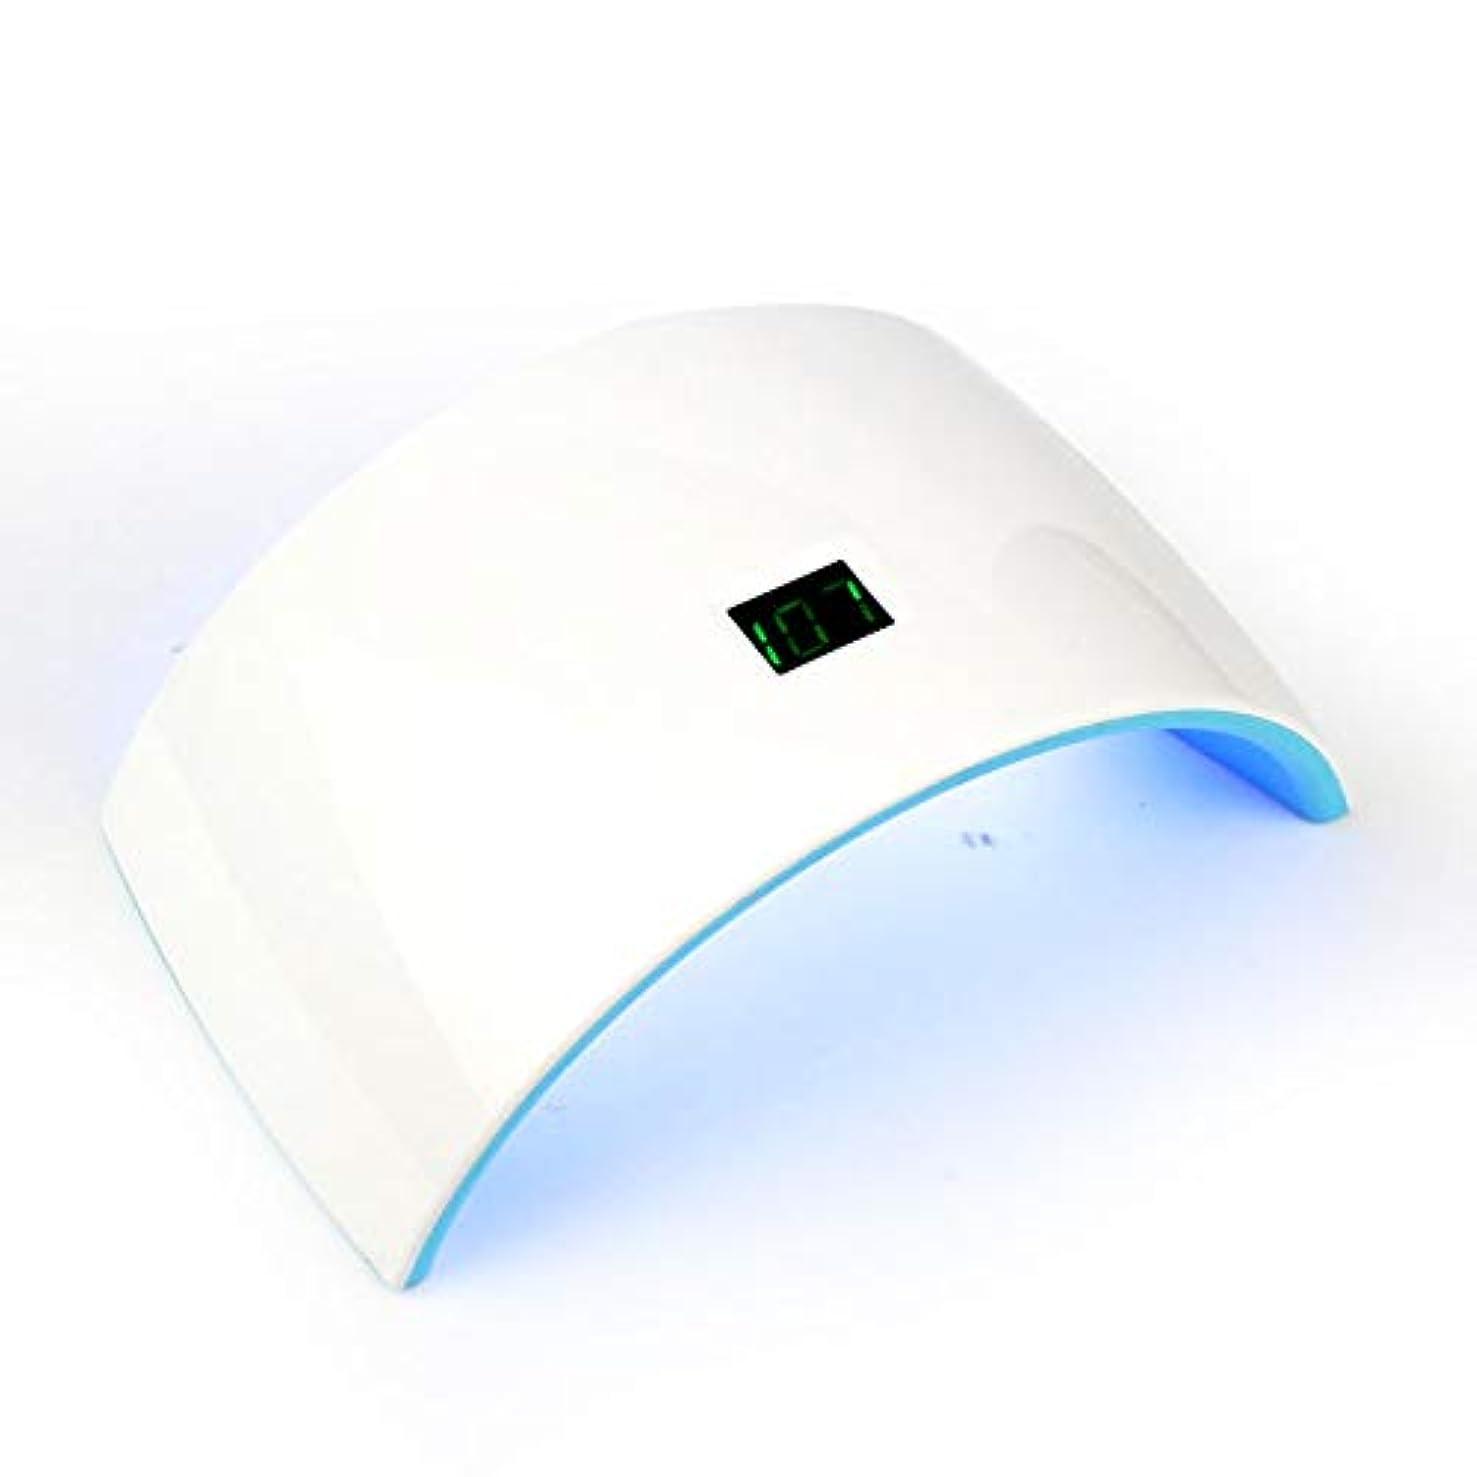 祖先意図する接続されたボタン療法のない導かれた光線療法の釘機械30W作り付けのリチウム電池15ランプのビードの振動調節